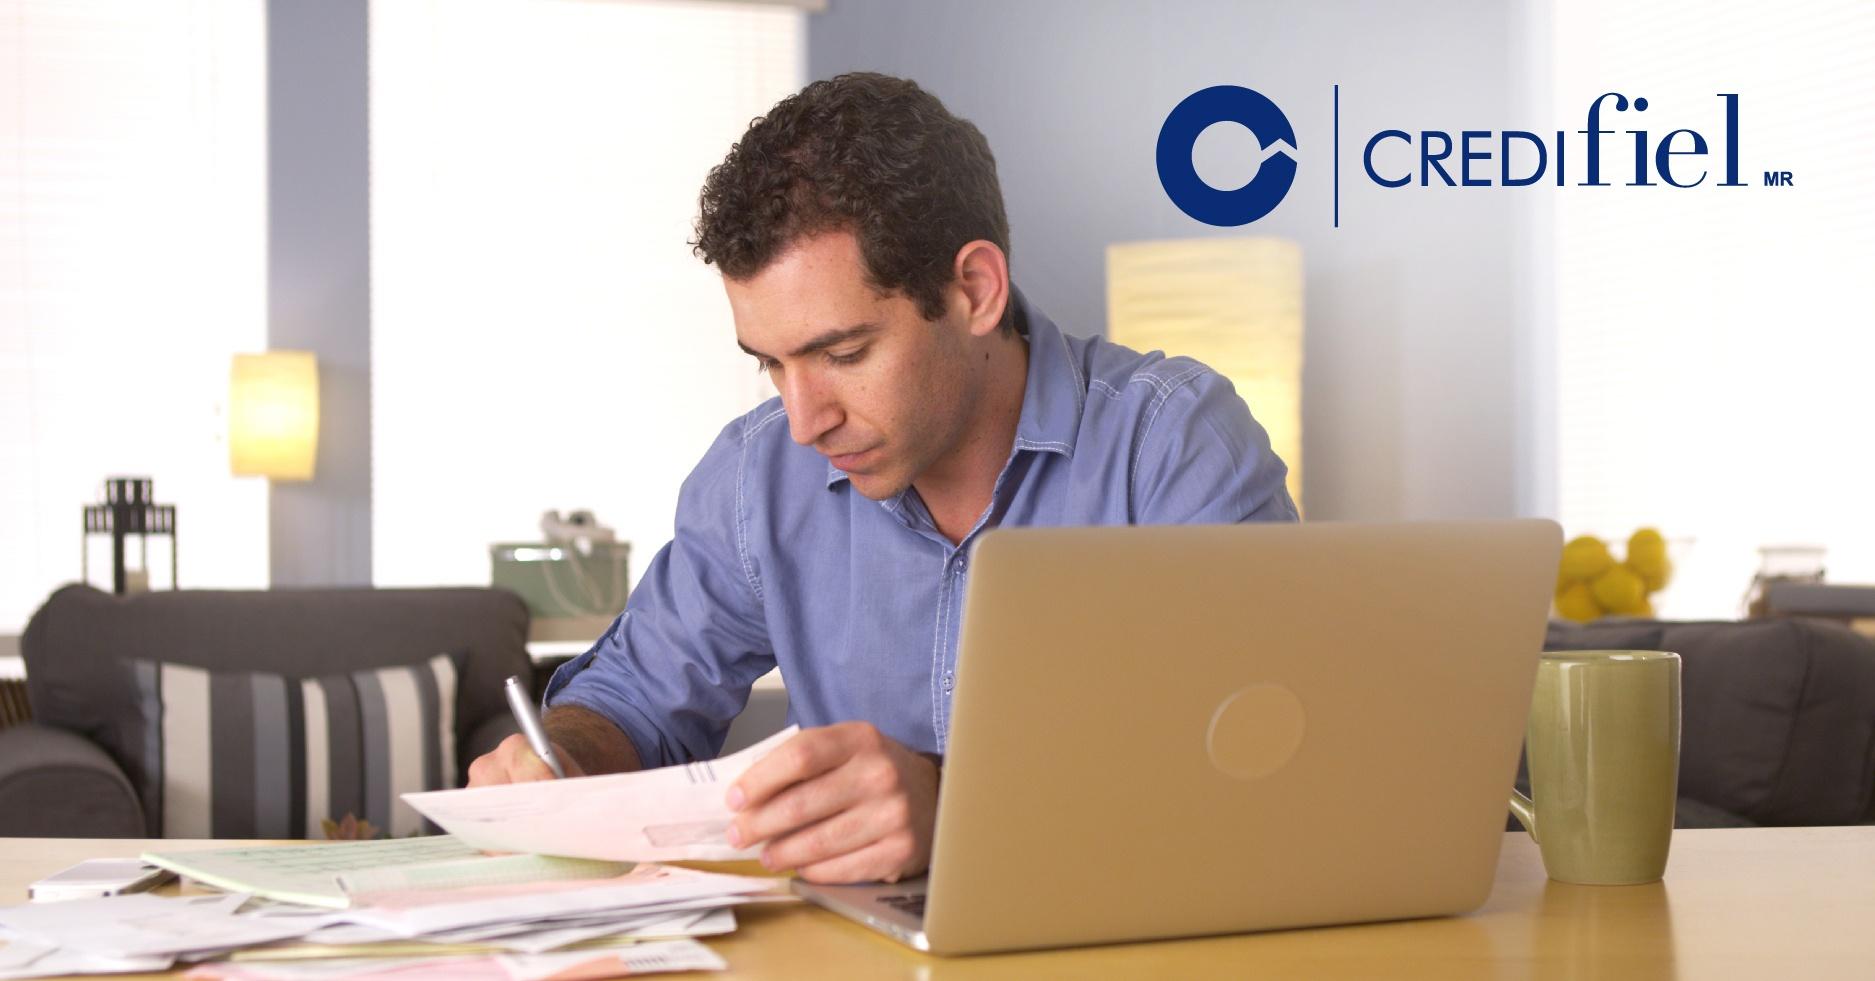 art-06-15-Tips-de-finanzas-personales